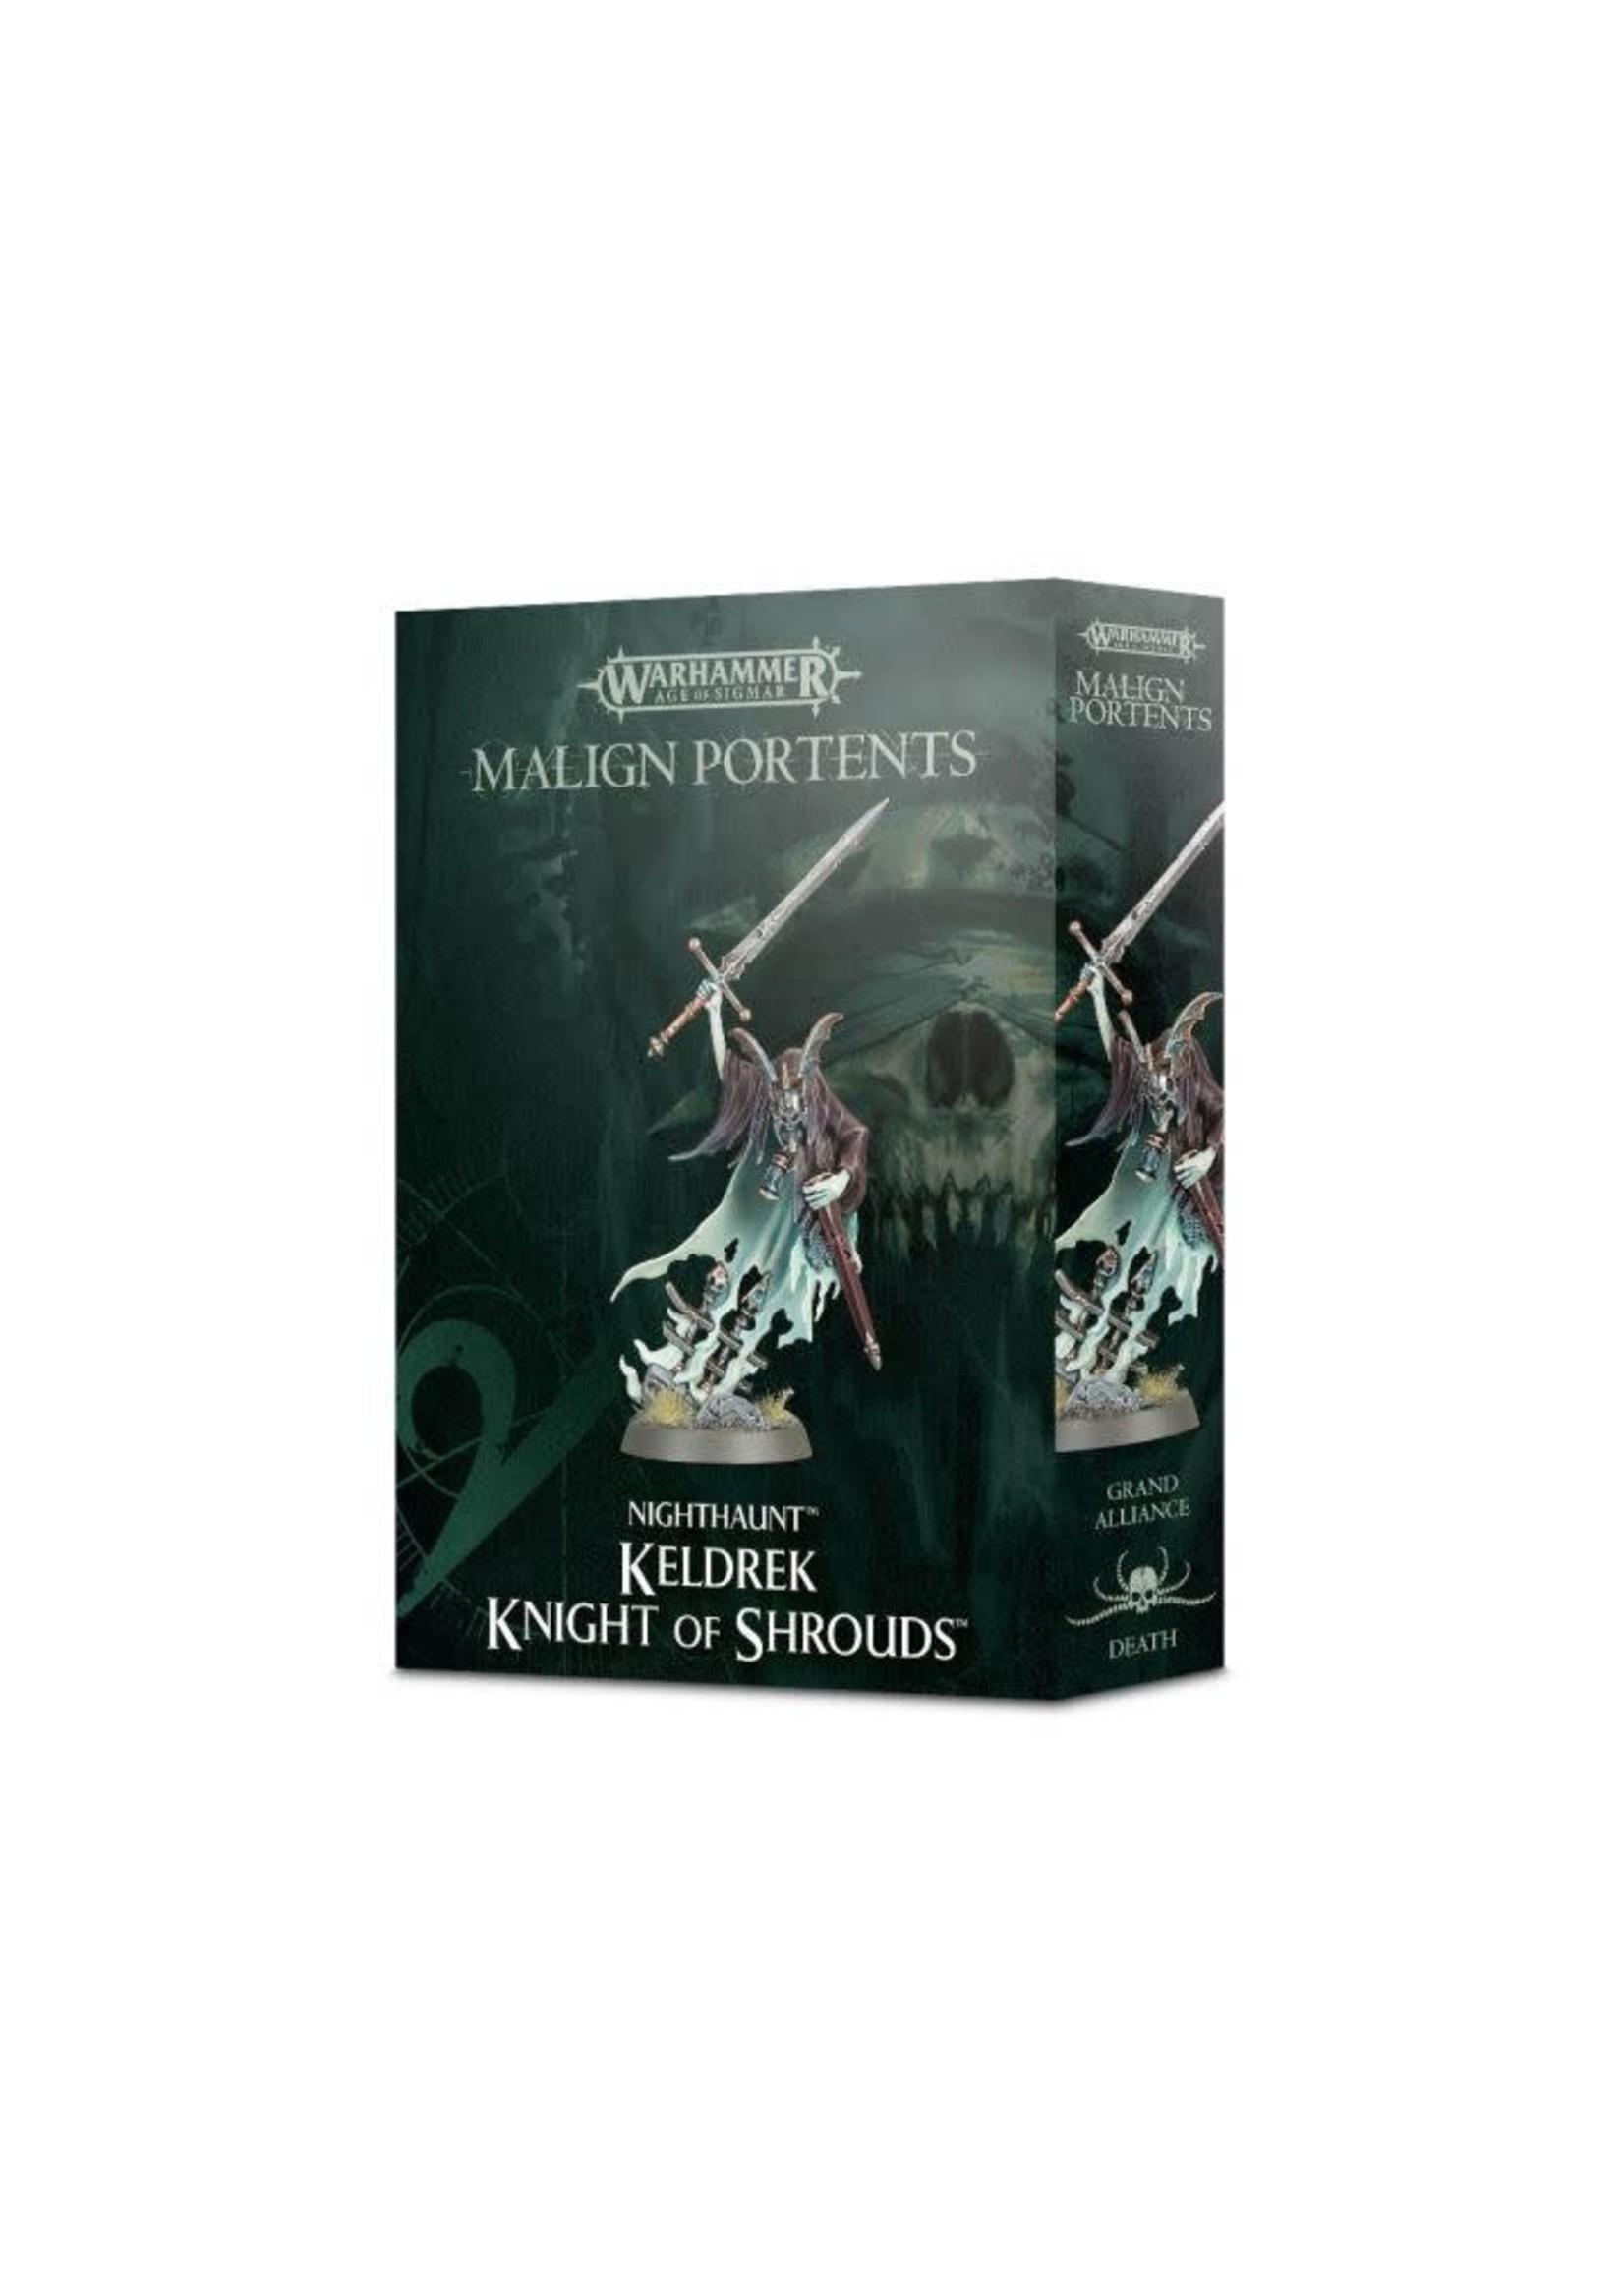 Nighthaunt Keldrek: Knight Of Shrouds